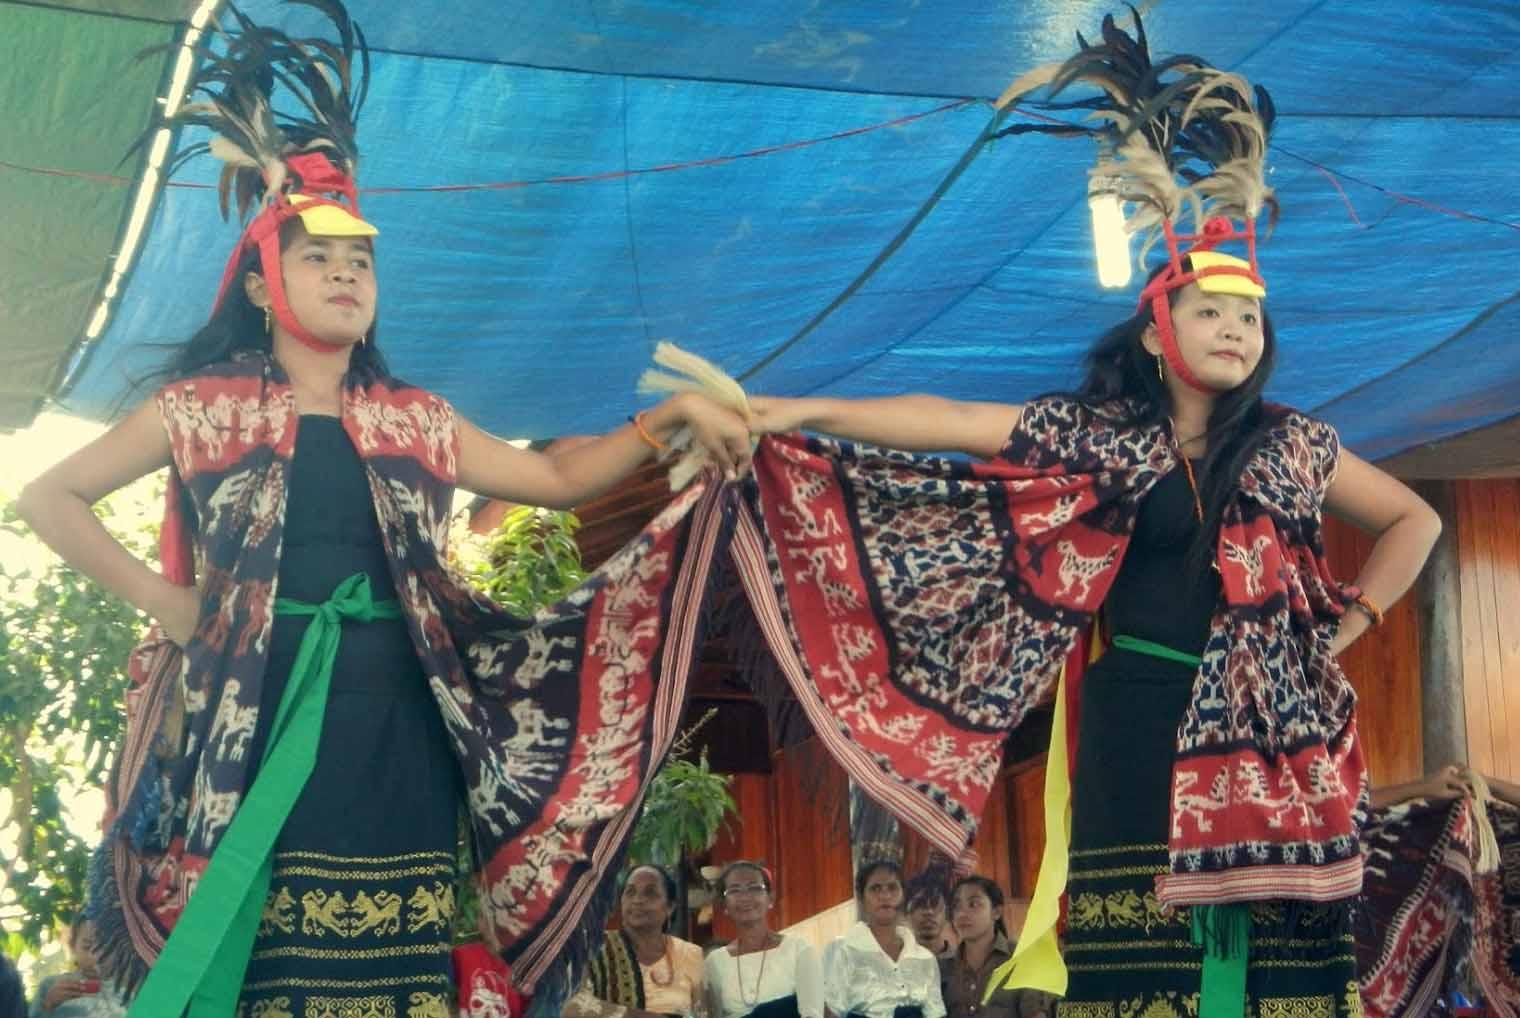 Tari Kabokang, Tarian Tradisional Dari Sumba Timur Provinsi NTT